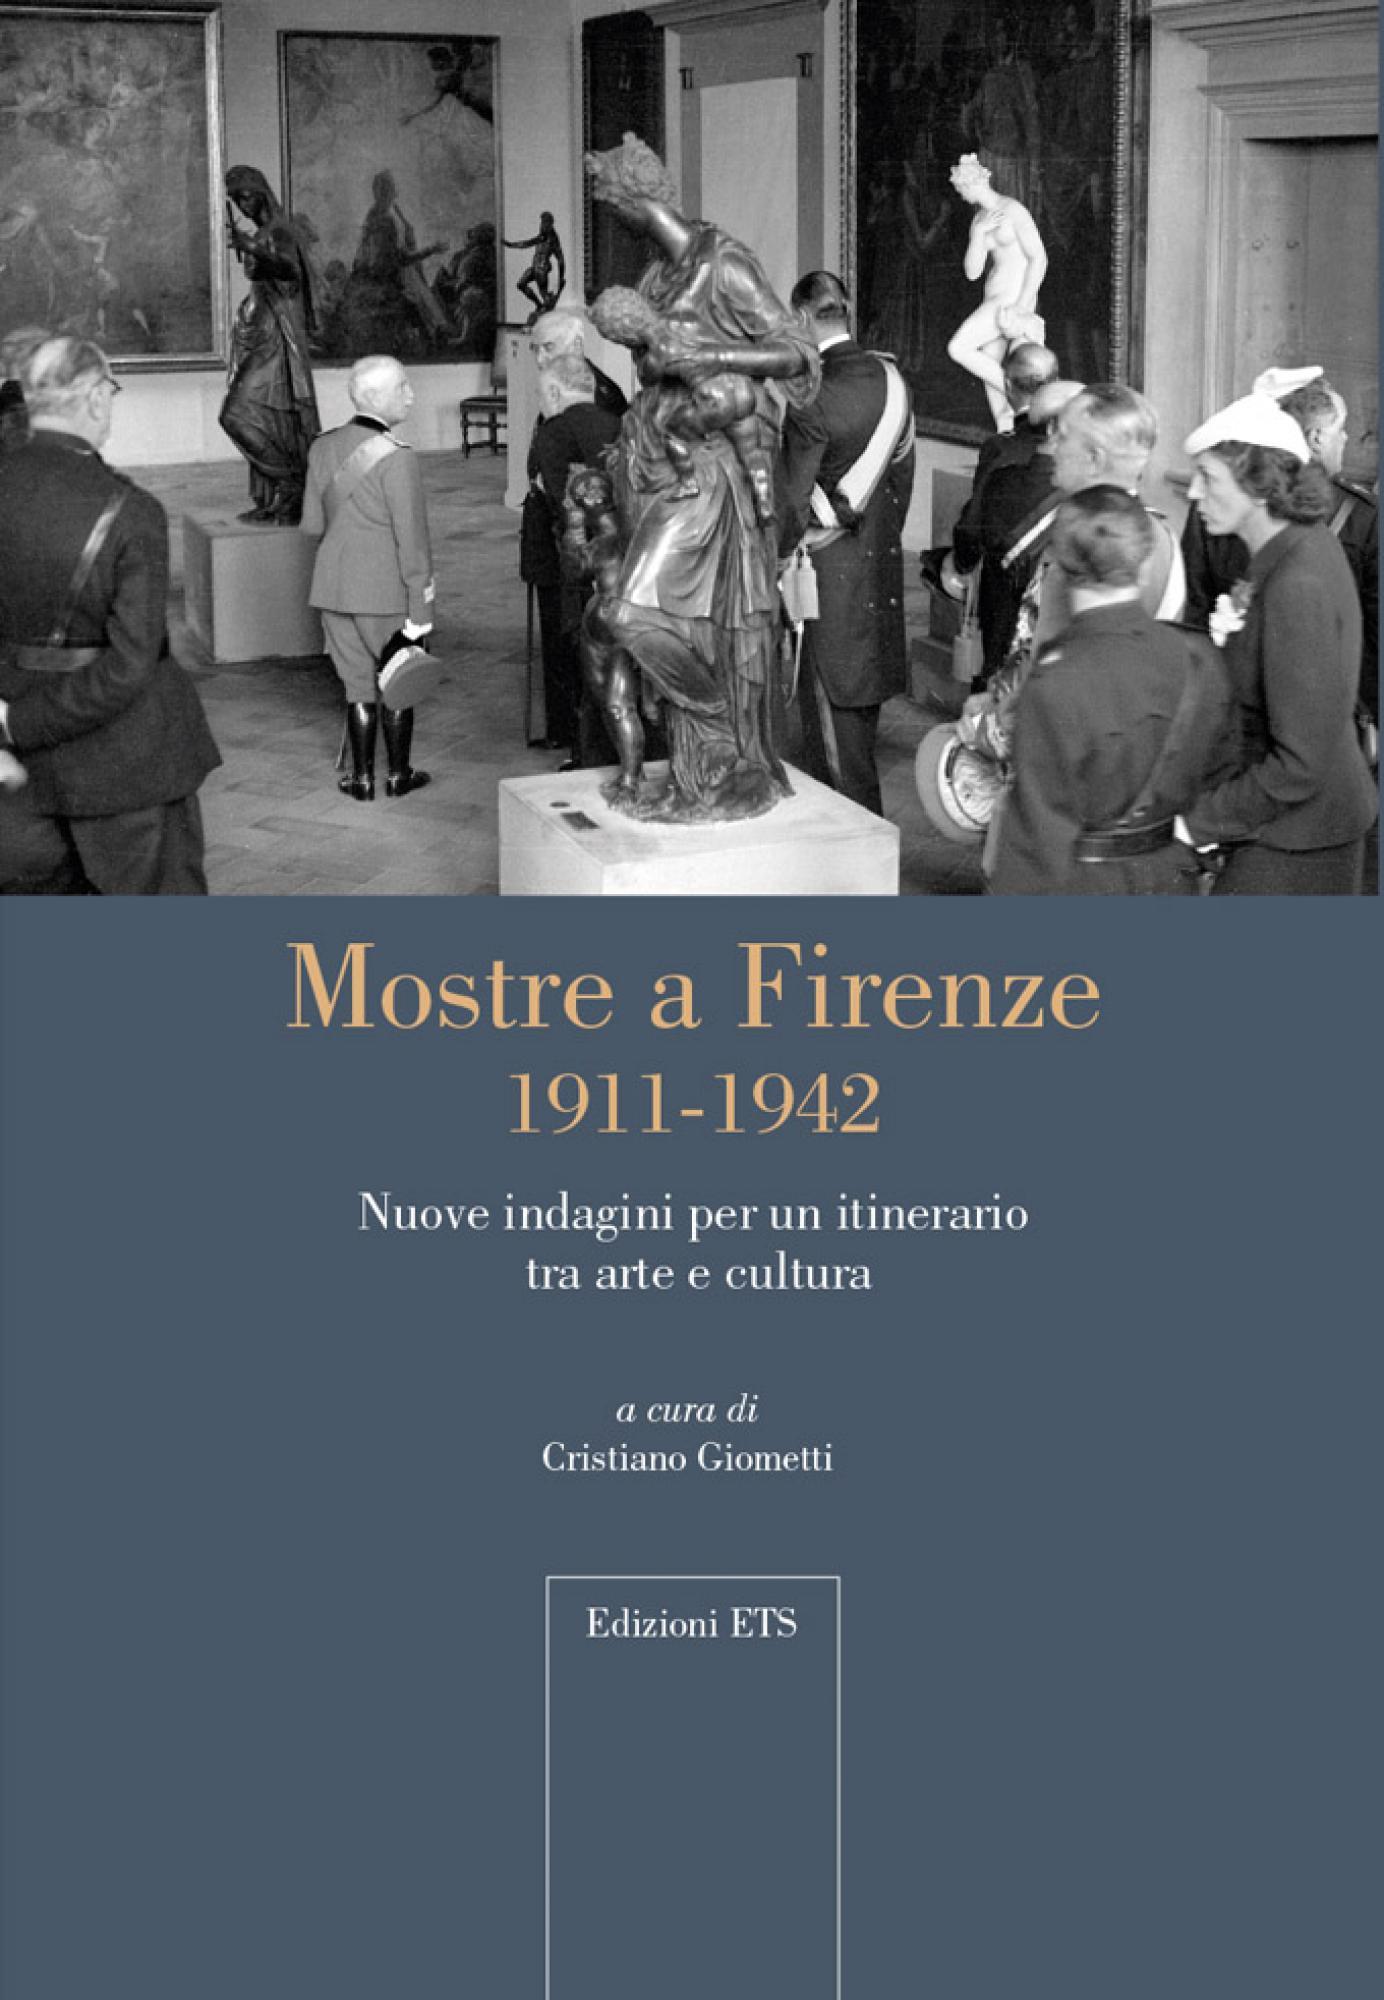 Mostre a Firenze 1911-1942.Nuove indagini per un itinerario tra arte e cultura